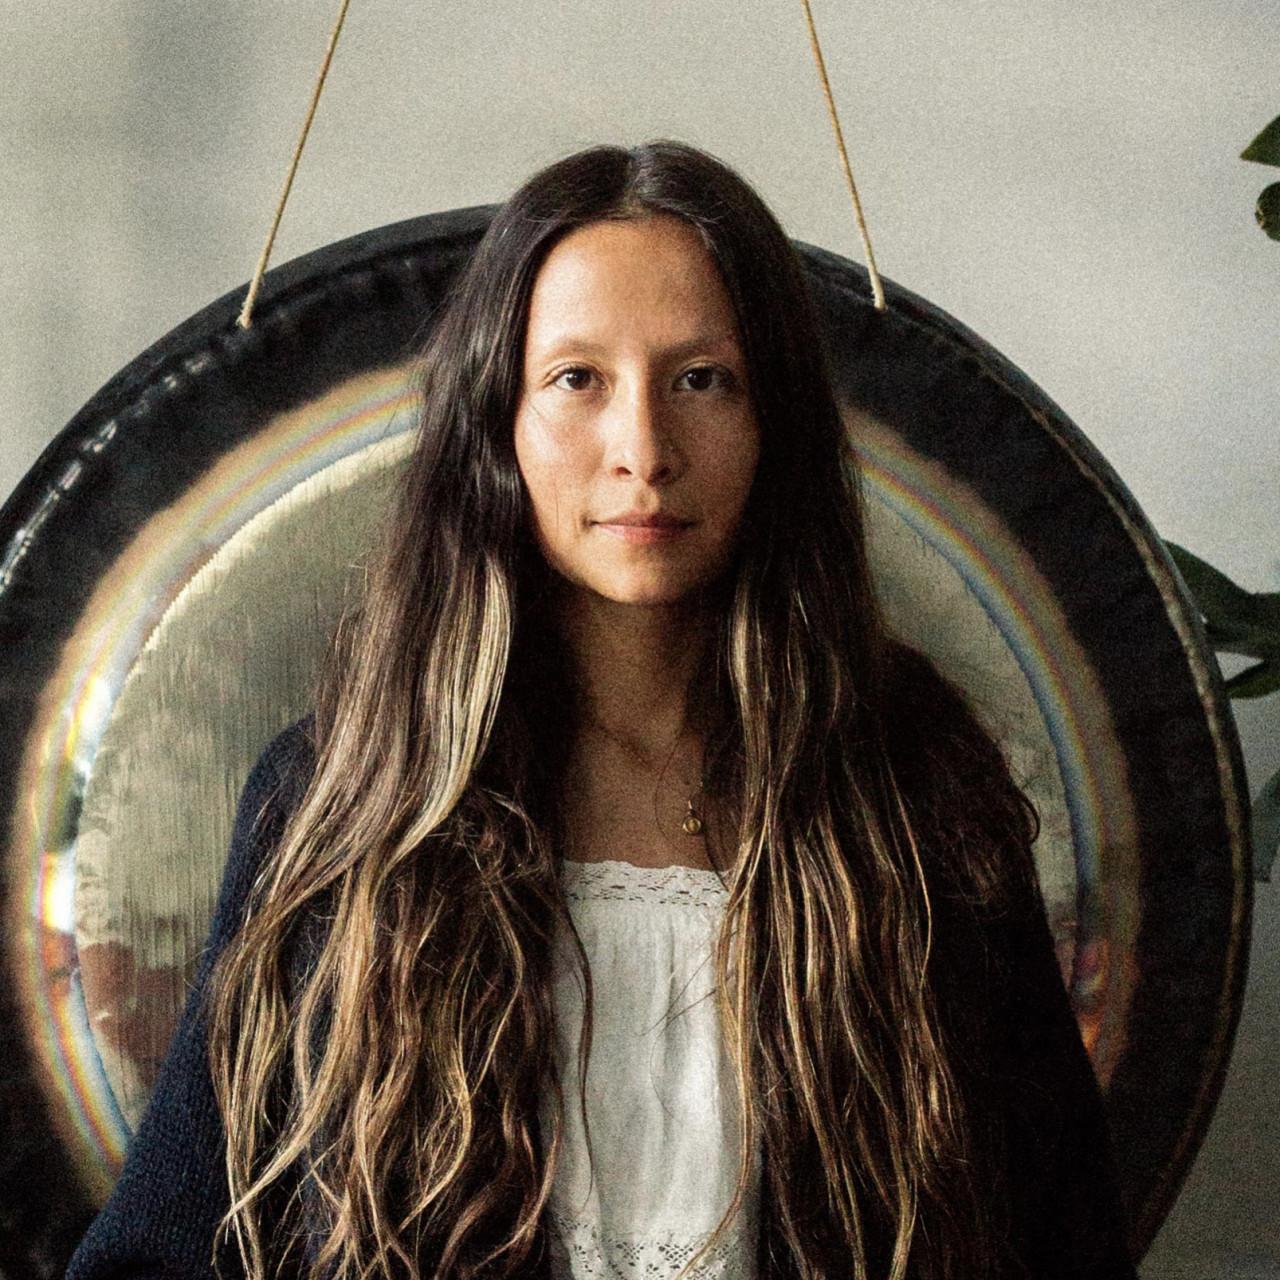 Priscilla Bingham sound gong